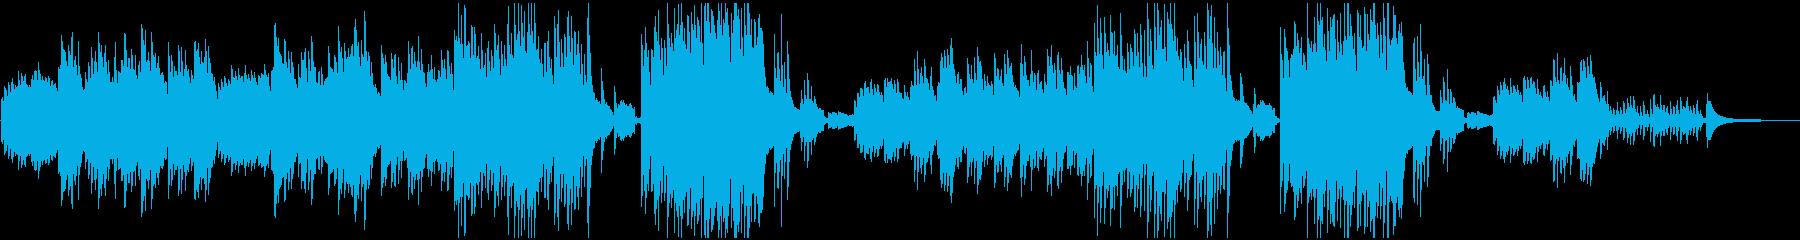 感動映像のためのピアノとオーボエの再生済みの波形